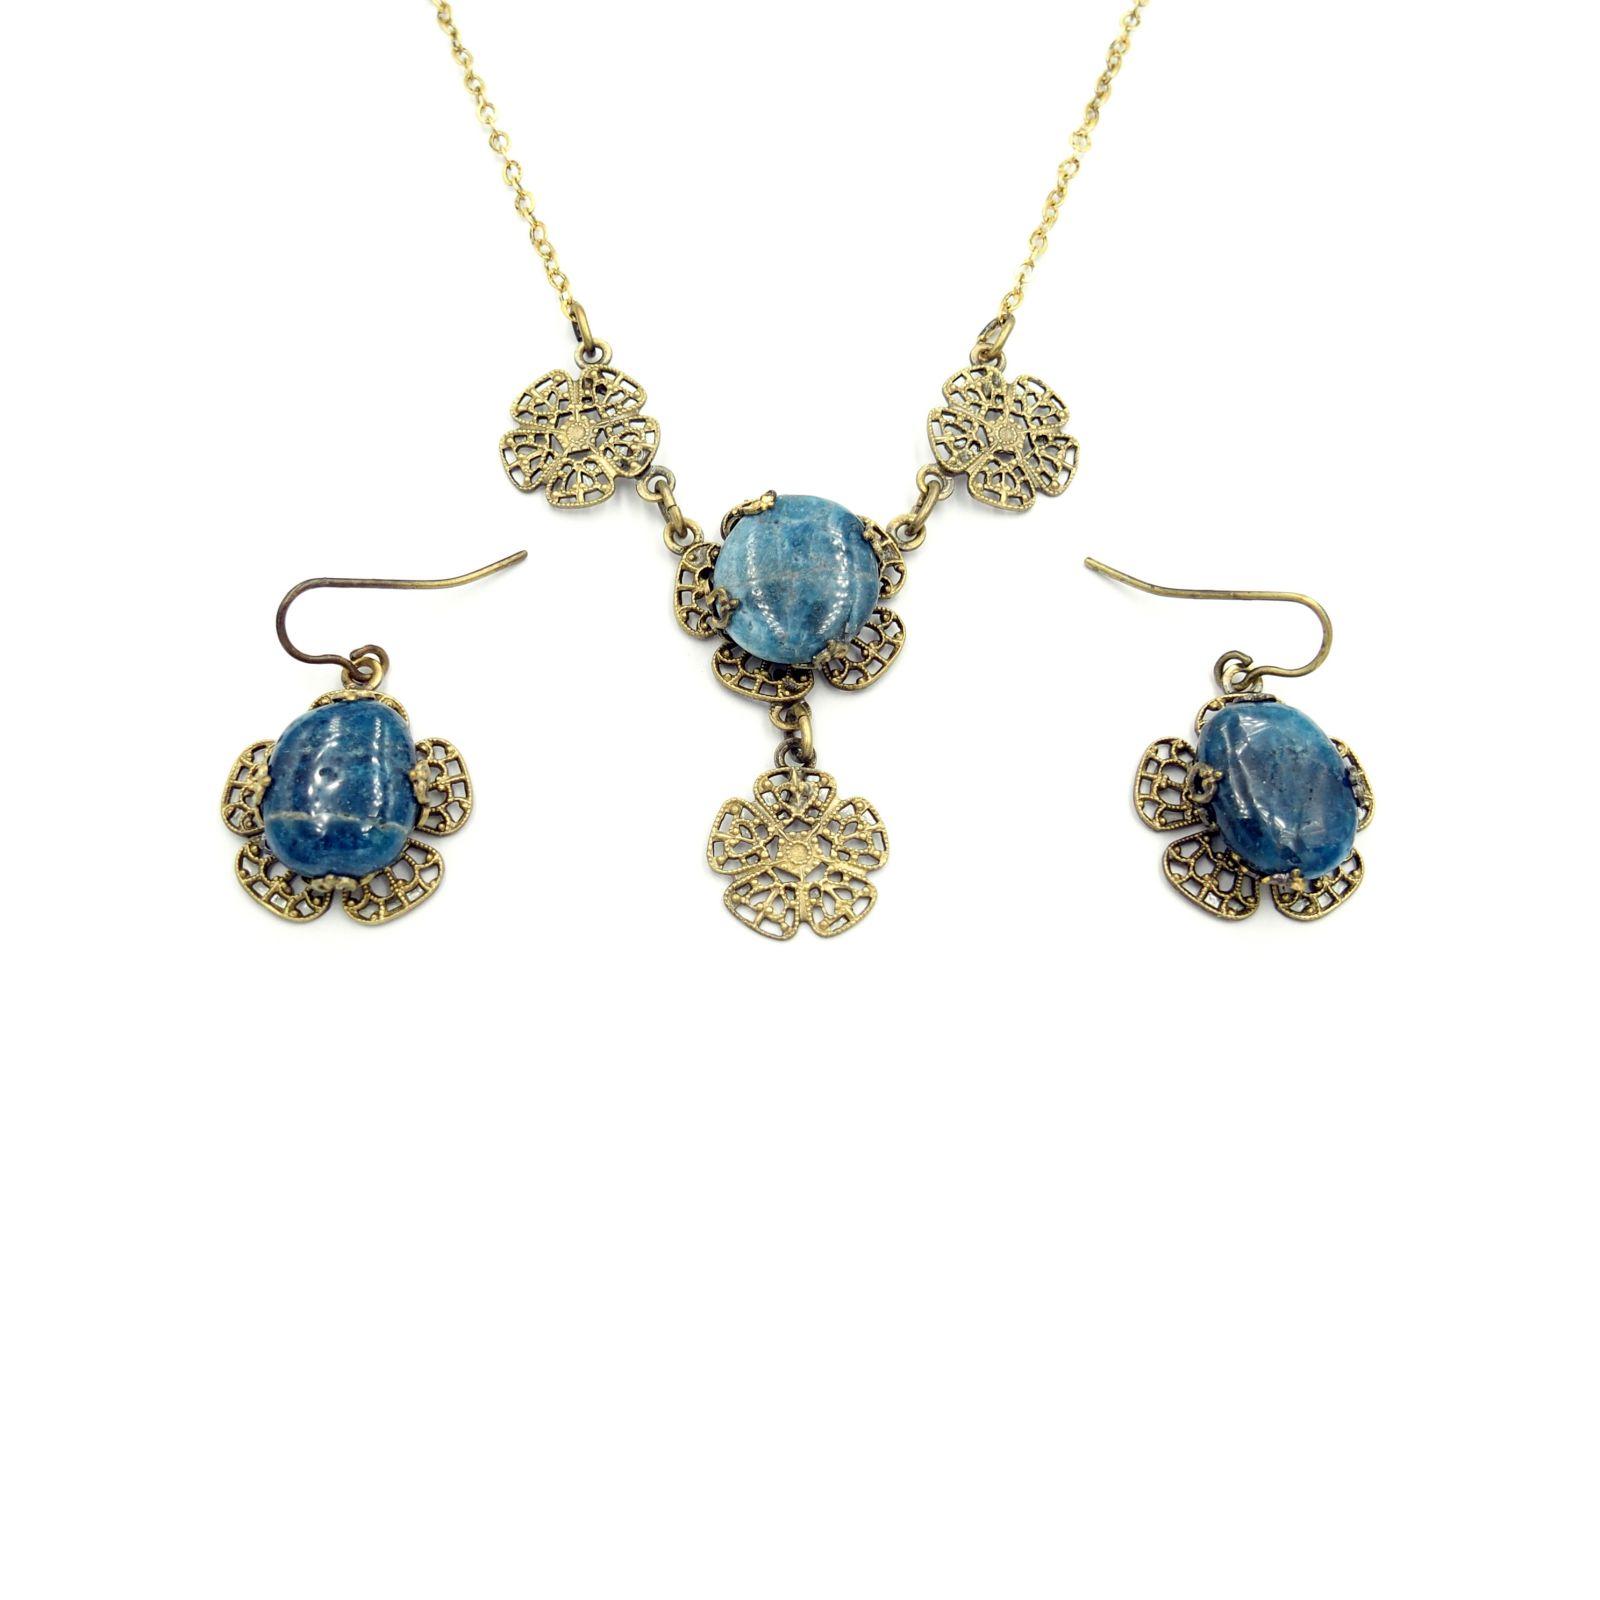 náhrdelník s přívěskem a naušnicemi (ch)